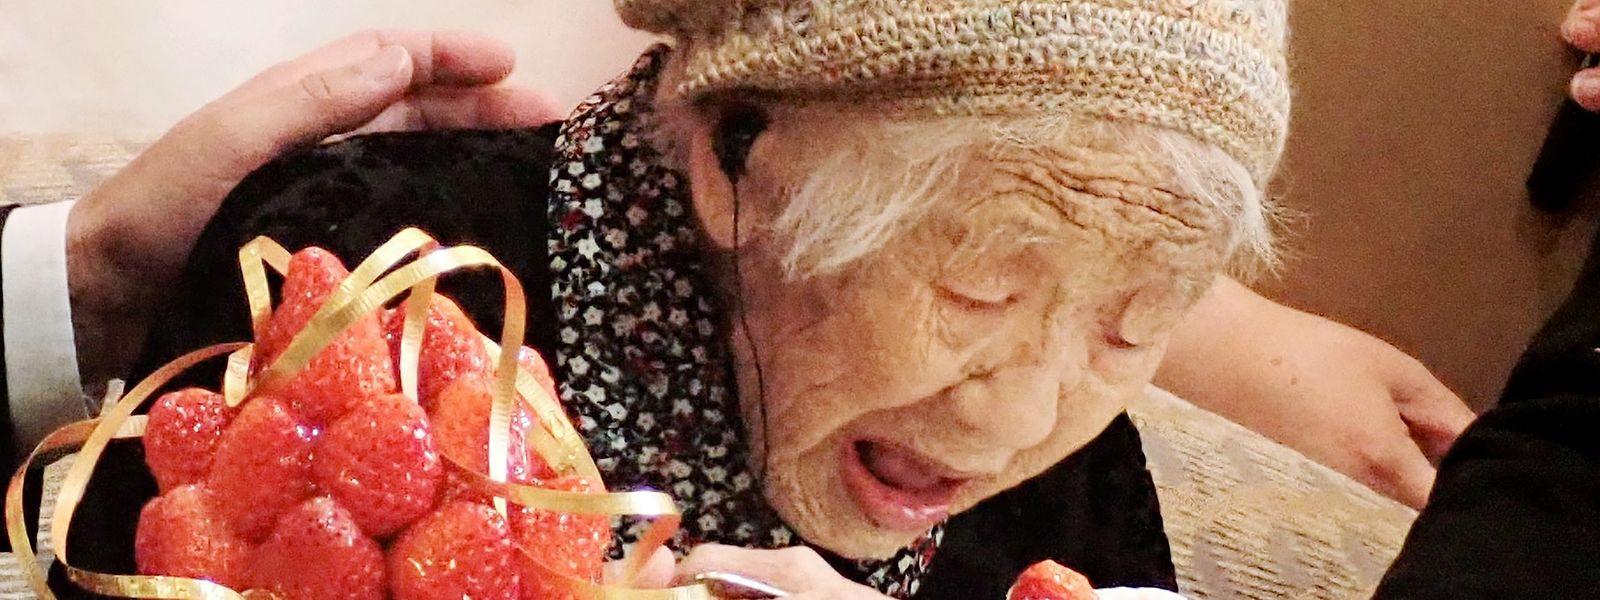 Kane Tanaka ist mit 116 Jahren nun der älteste Mensch auf der Welt.